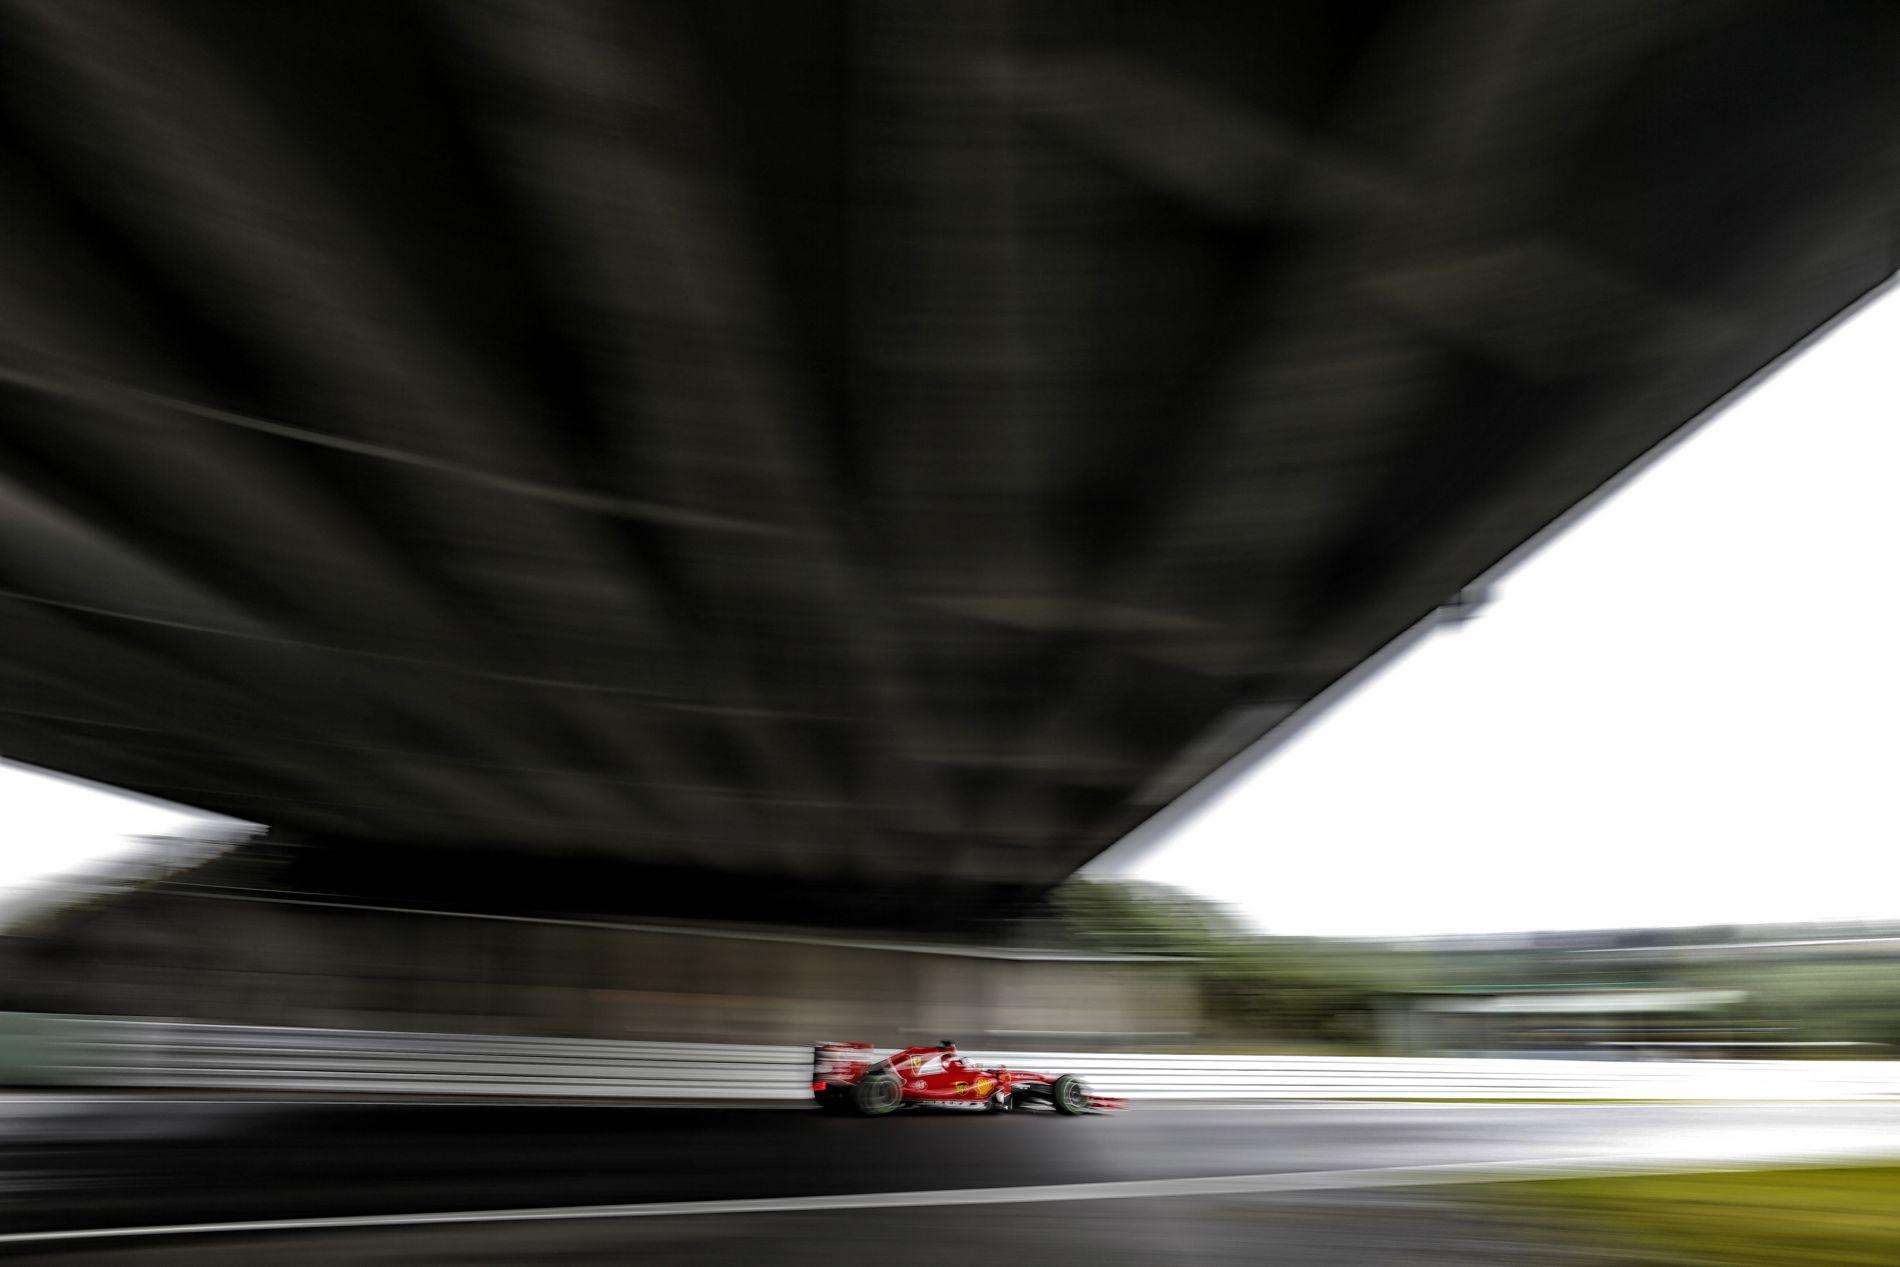 Mindkét ferraris a harmadik rajthelyre hajtott, Räikkönennek és Vettelnek sem lett meg